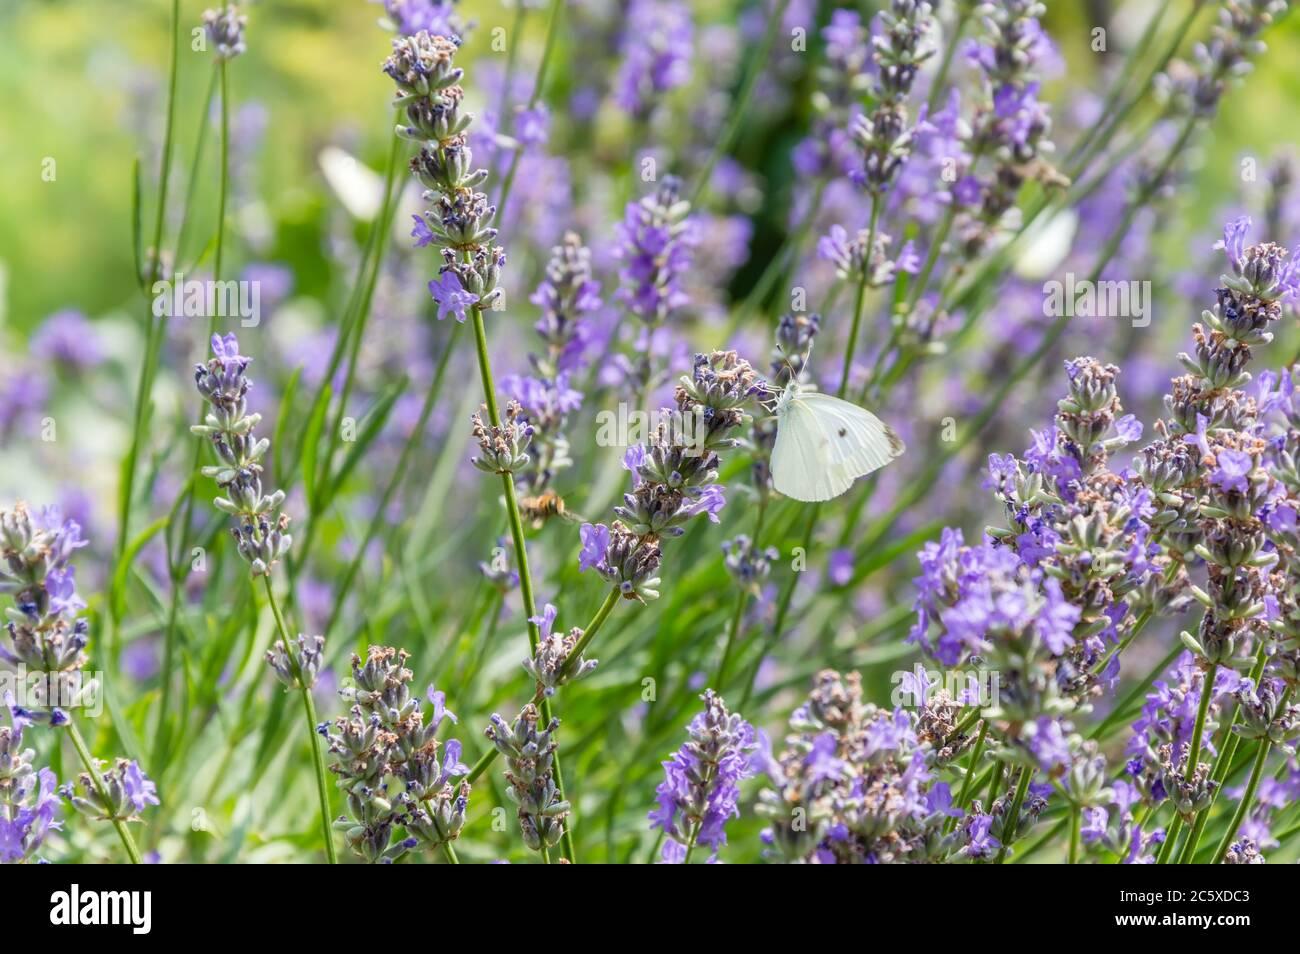 Mariposa de col blanca chupar néctar de flor de lavanda púrpura en verano. Hierba verde borrosa en el fondo Foto de stock